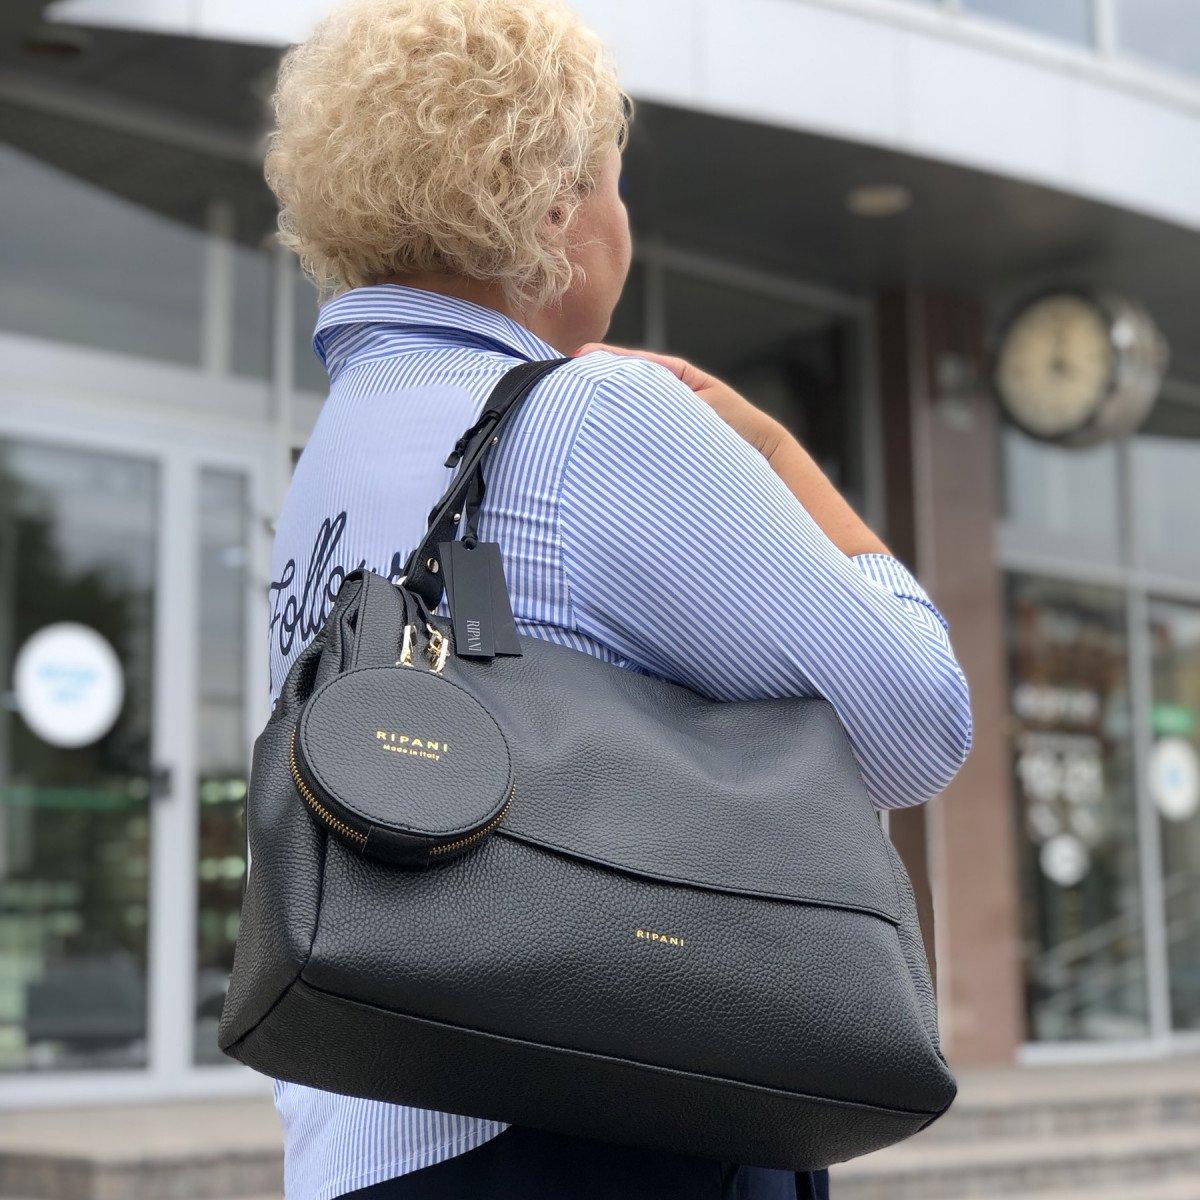 Женская кожаная сумка Ripani 9268OO.00003 Nero из натуральной кожи